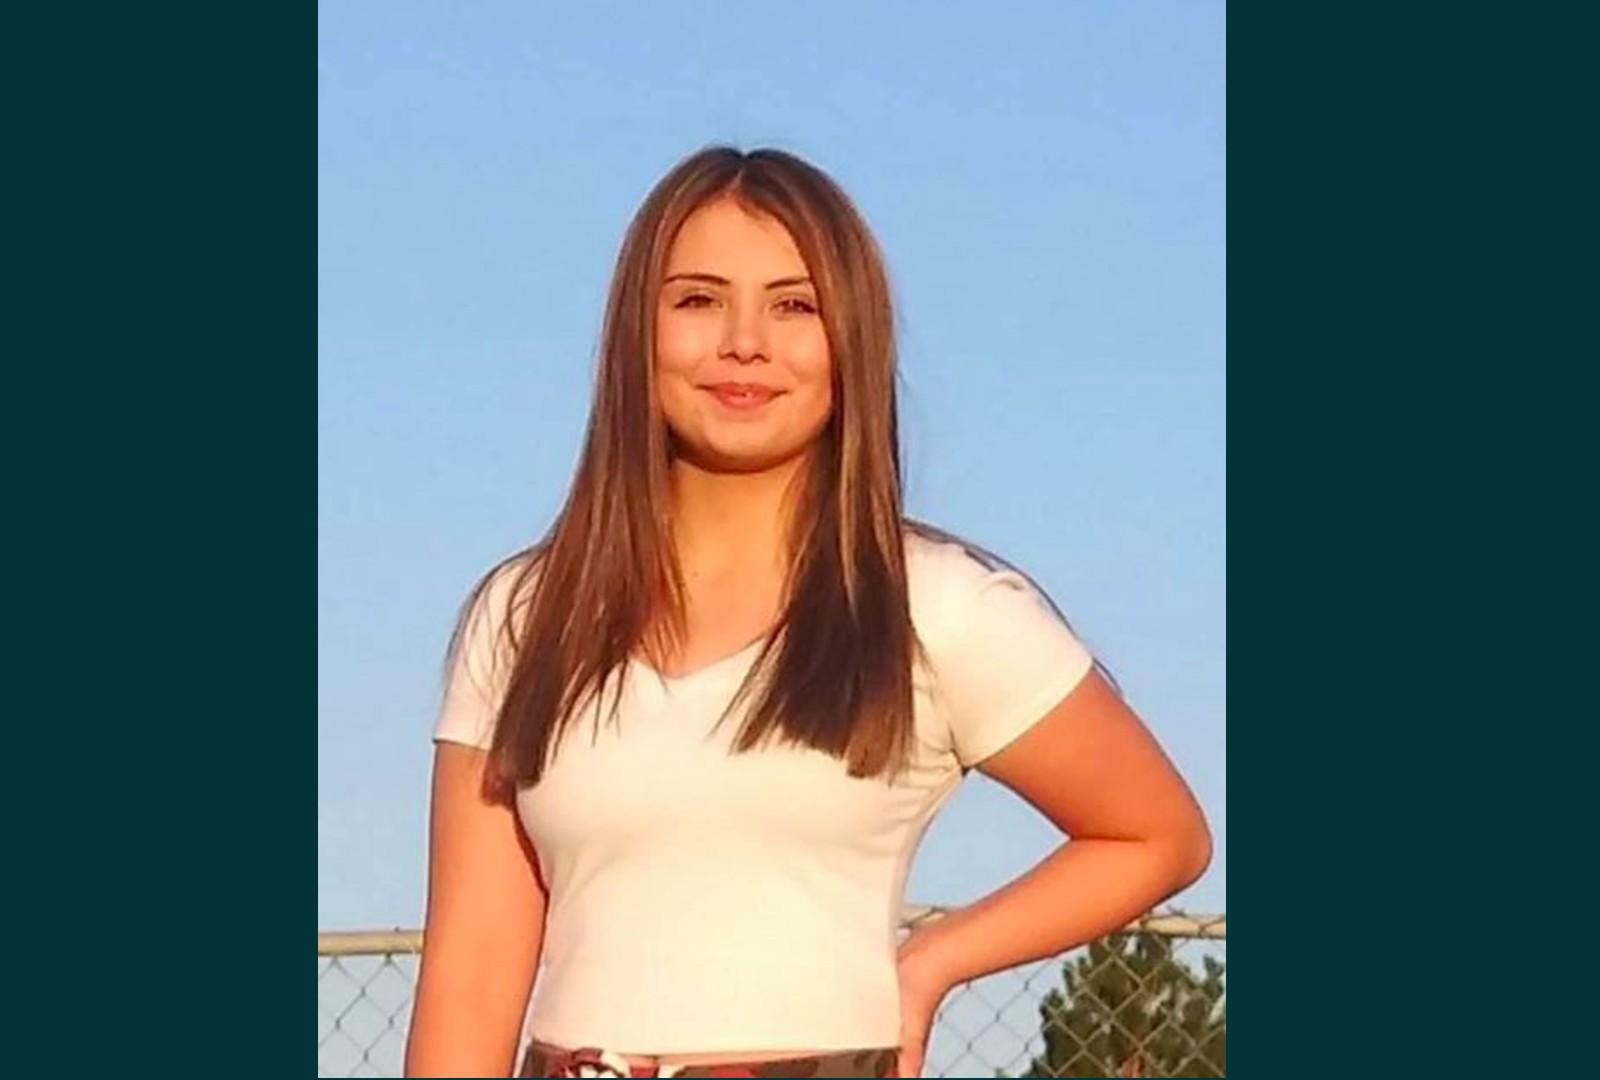 Cheyenne police seek missing juvenile Saturday